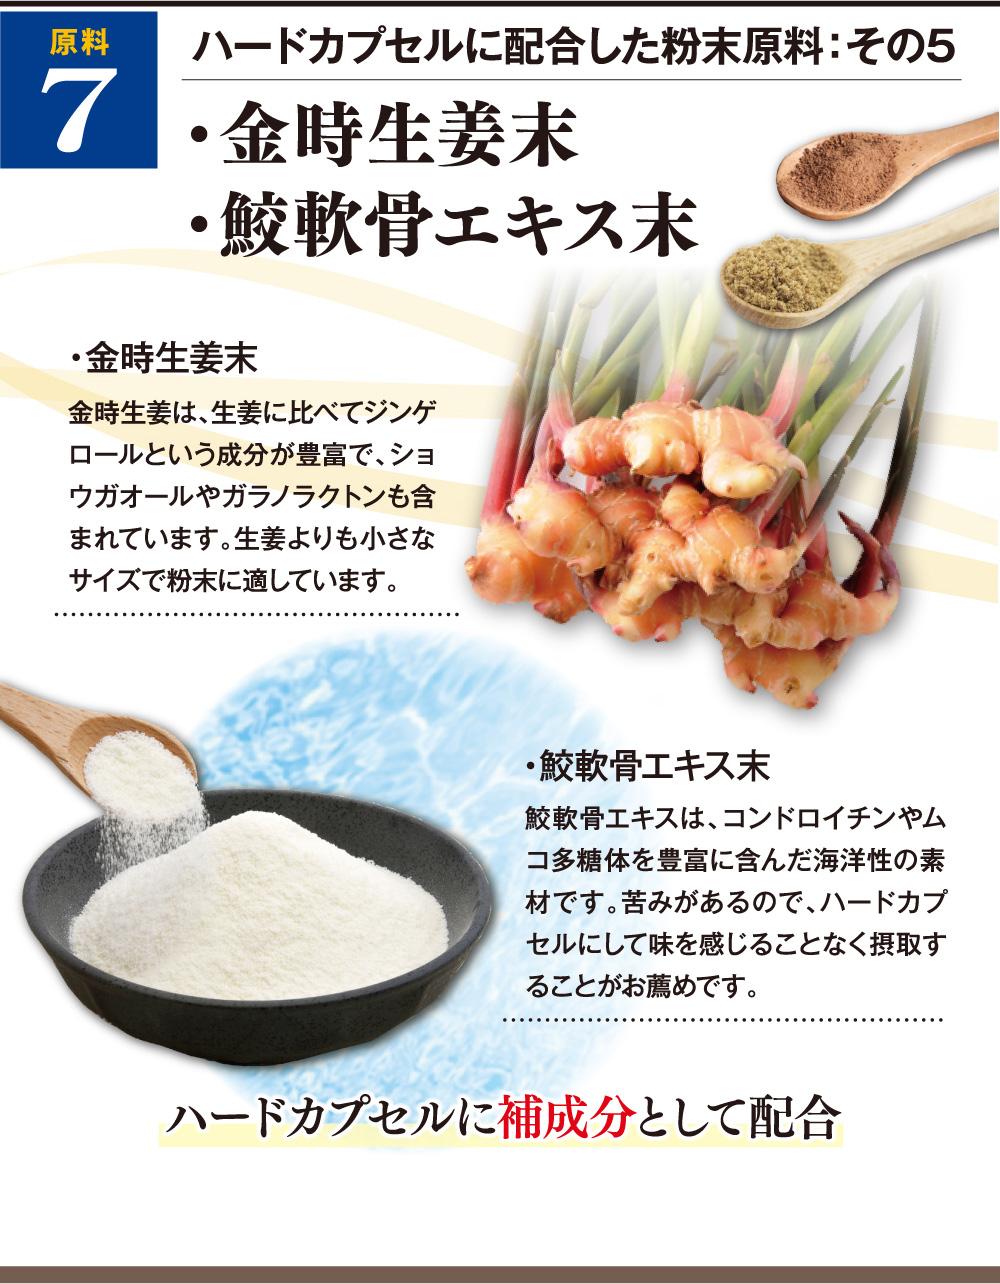 ハードカプセルに配合した粉末原料:その5 ・金時生姜末(金時生姜は、生姜に比べてジンゲロールという成分が豊富で、ショウガオールやガラノラクトンも含まれています。生姜よりも小さなサイズで粉末に適しています。)・鮫軟骨エキス末(鮫軟骨エキスは、コンドロイチンやムコ多糖体を豊富に含んだ海洋性の素材です。苦みがあるので、ハードカプセルにして味を感じることなく摂取することがお薦めです。)ハードカプセルに補成分として配合